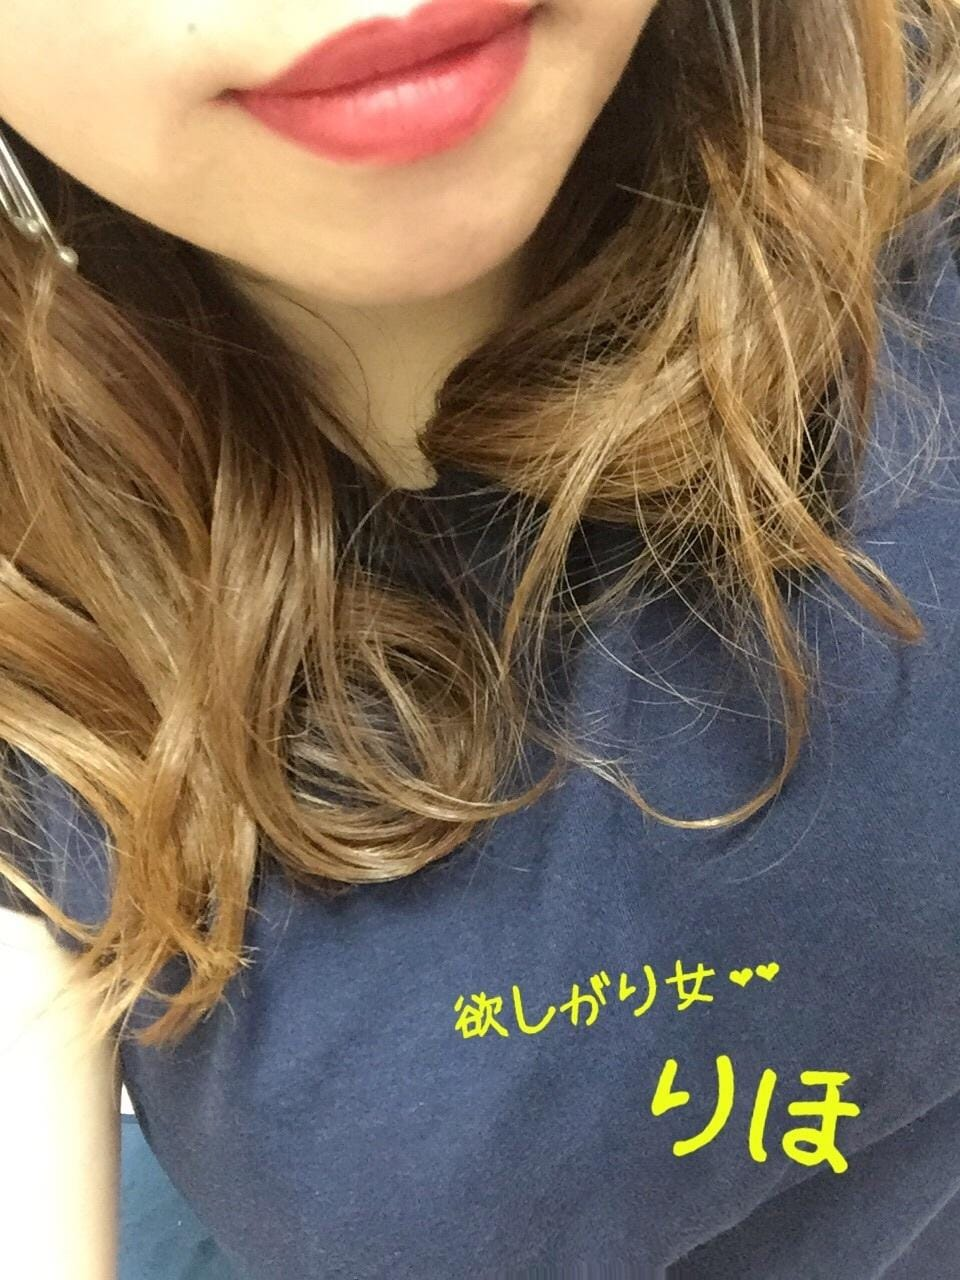 「とうちゃく?」07/19(木) 10:00 | りほの写メ・風俗動画